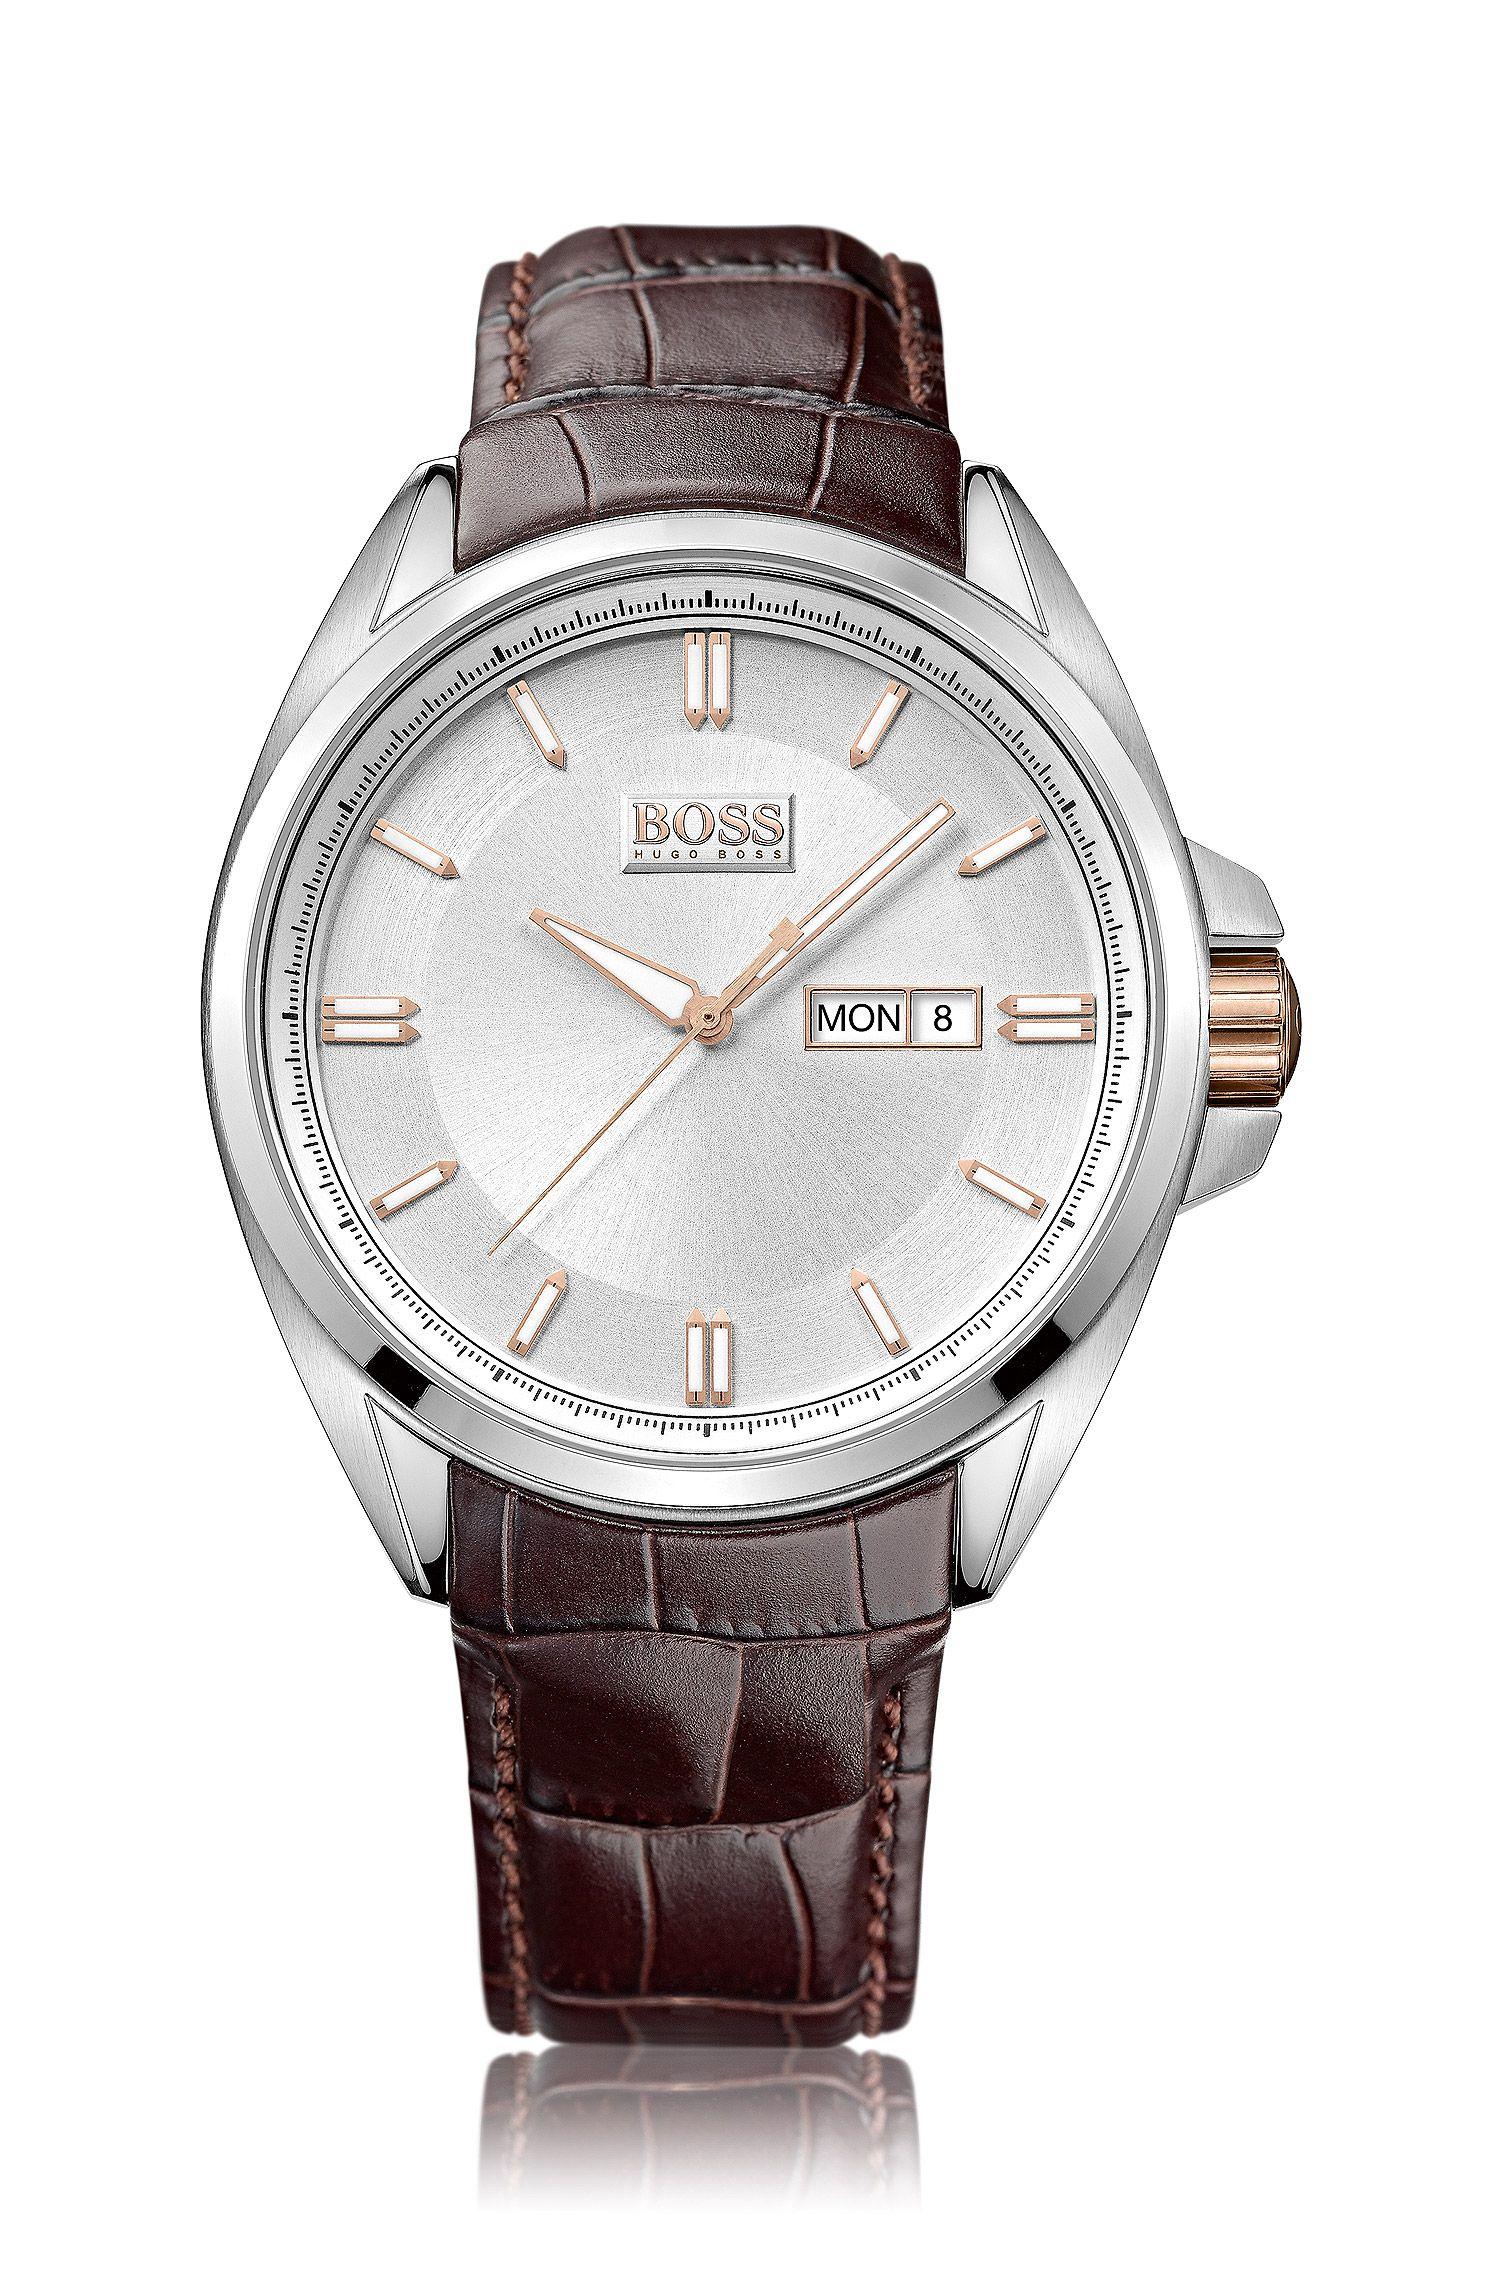 Montre-bracelet «HB301» avec bracelet en cuir